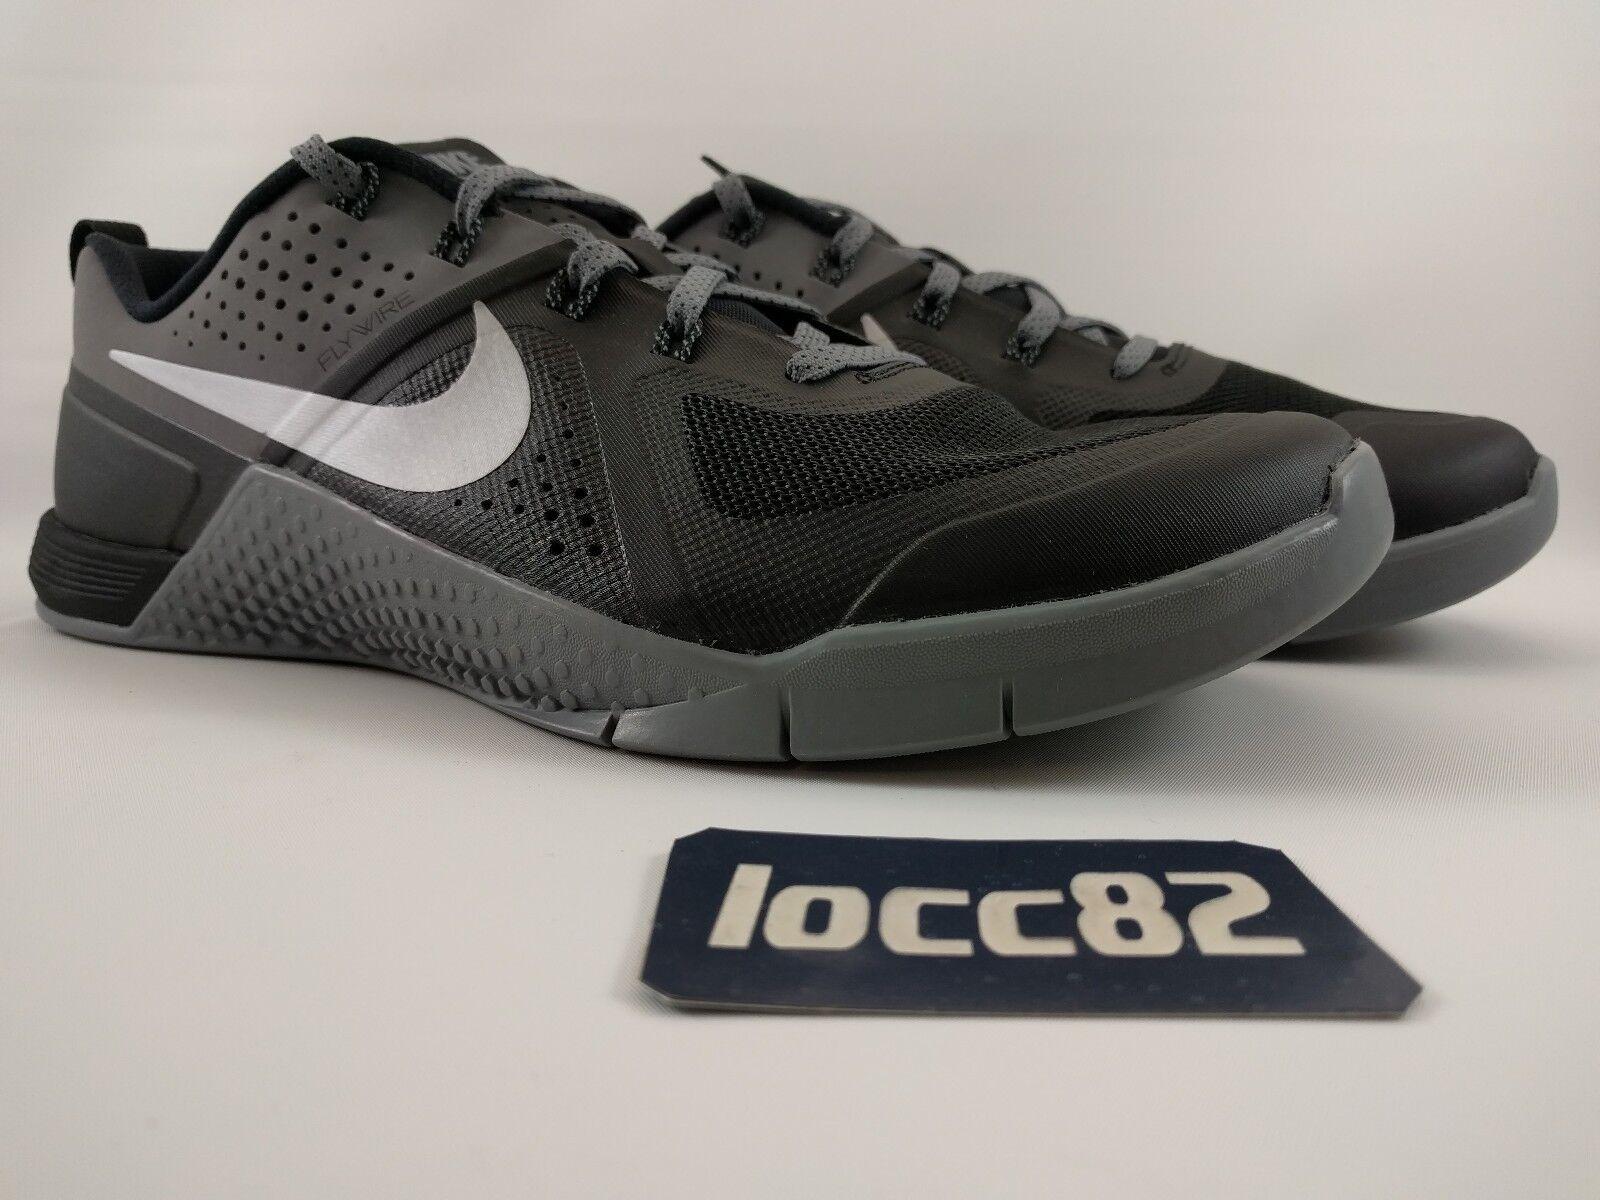 les 1 chaussures nike 704688-002 formation metcon 1 les botte de crossfit noir Gris lev e6a991